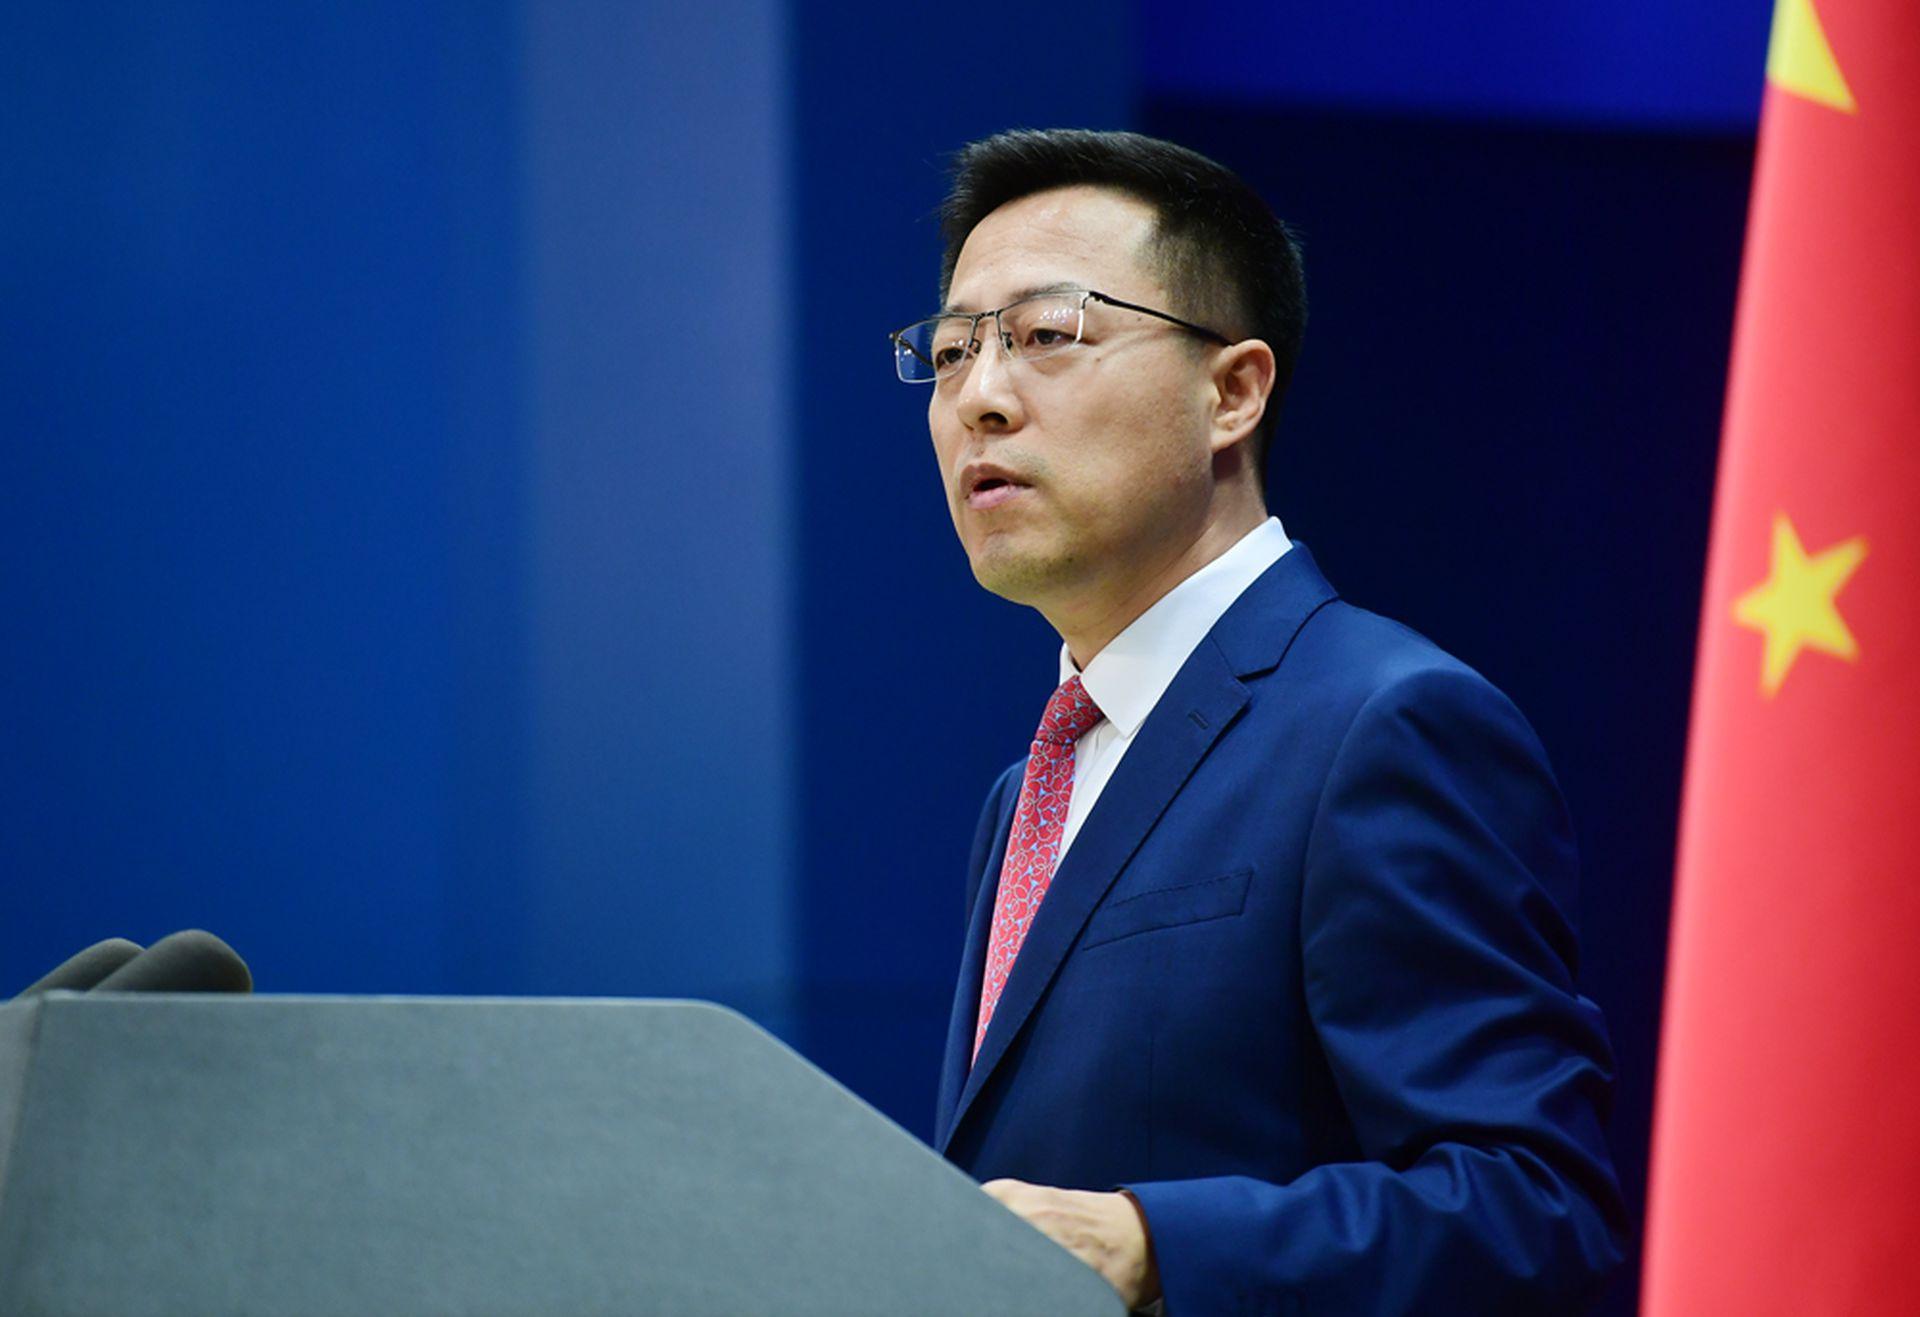 赵立坚:武汉团队应获诺贝尔医学奖 而非遭指责